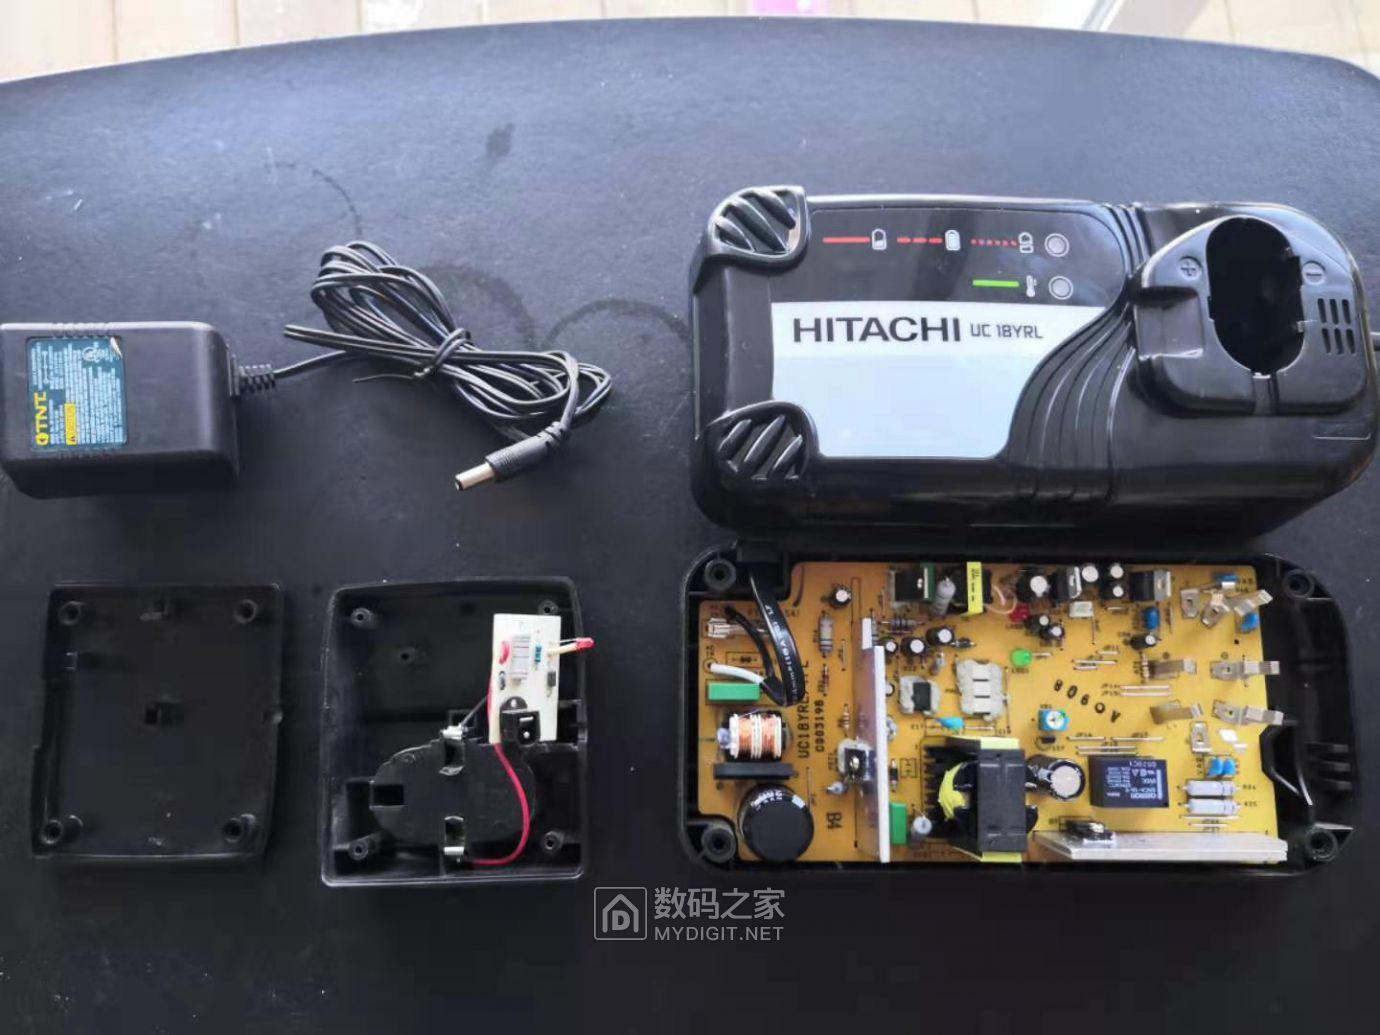 便宜的和贵的手电钻拆解对比(HITACHI DV180L VS TNT) 好货大家谈 第12张